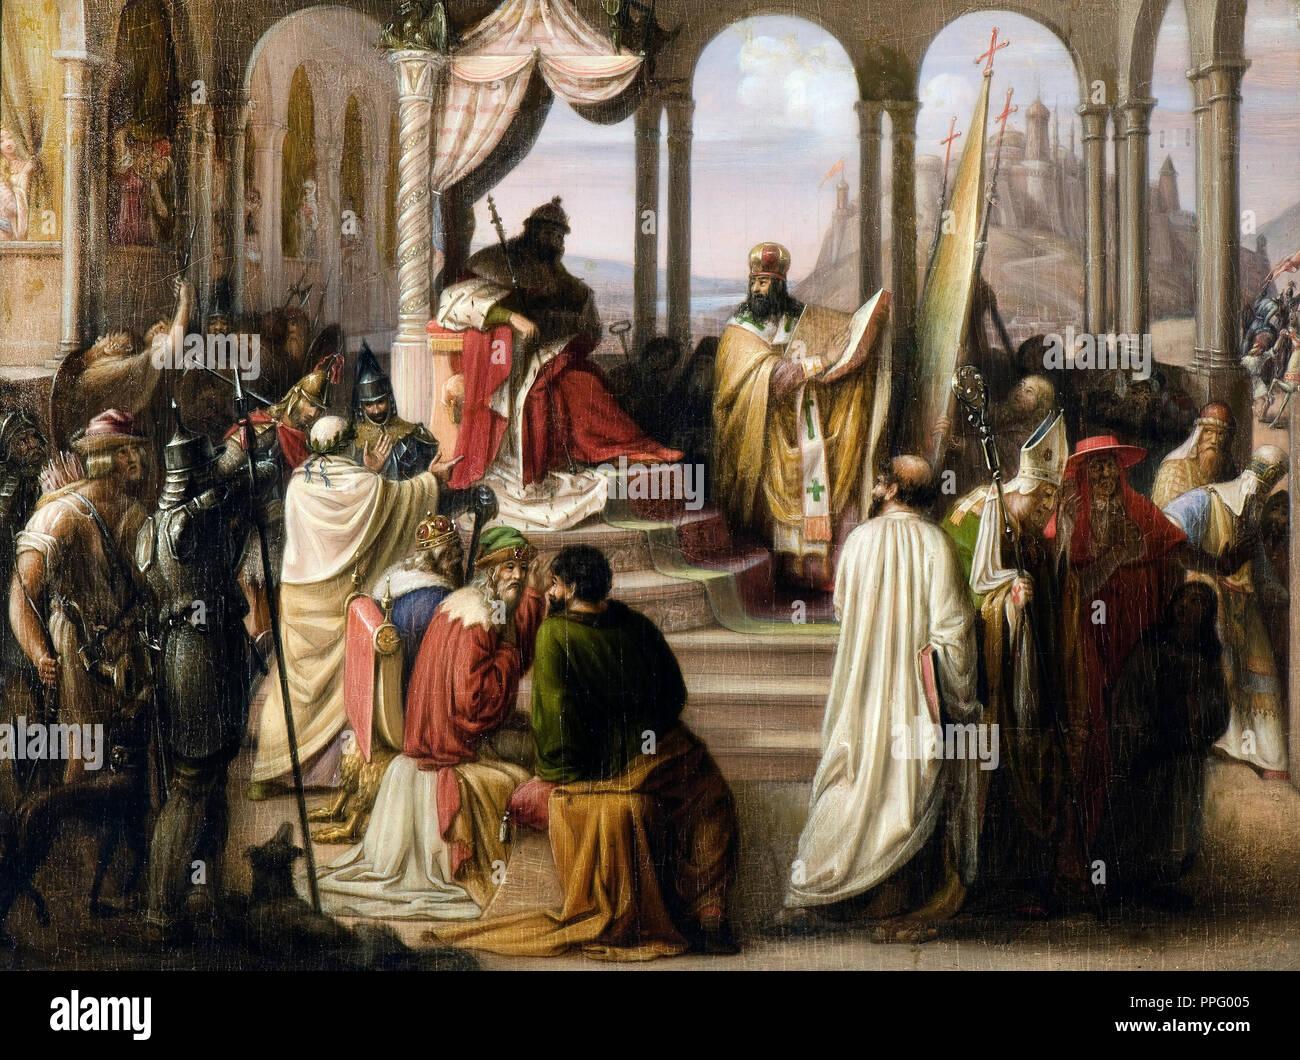 Johann Leberecht Eggink-Prince Vladimir Wählt eine Religion in der 988. / Eine religiöse Auseinandersetzung in den Russischen Hof. 1822, Öl auf Leinwand. Lettische Nationale Stockbild